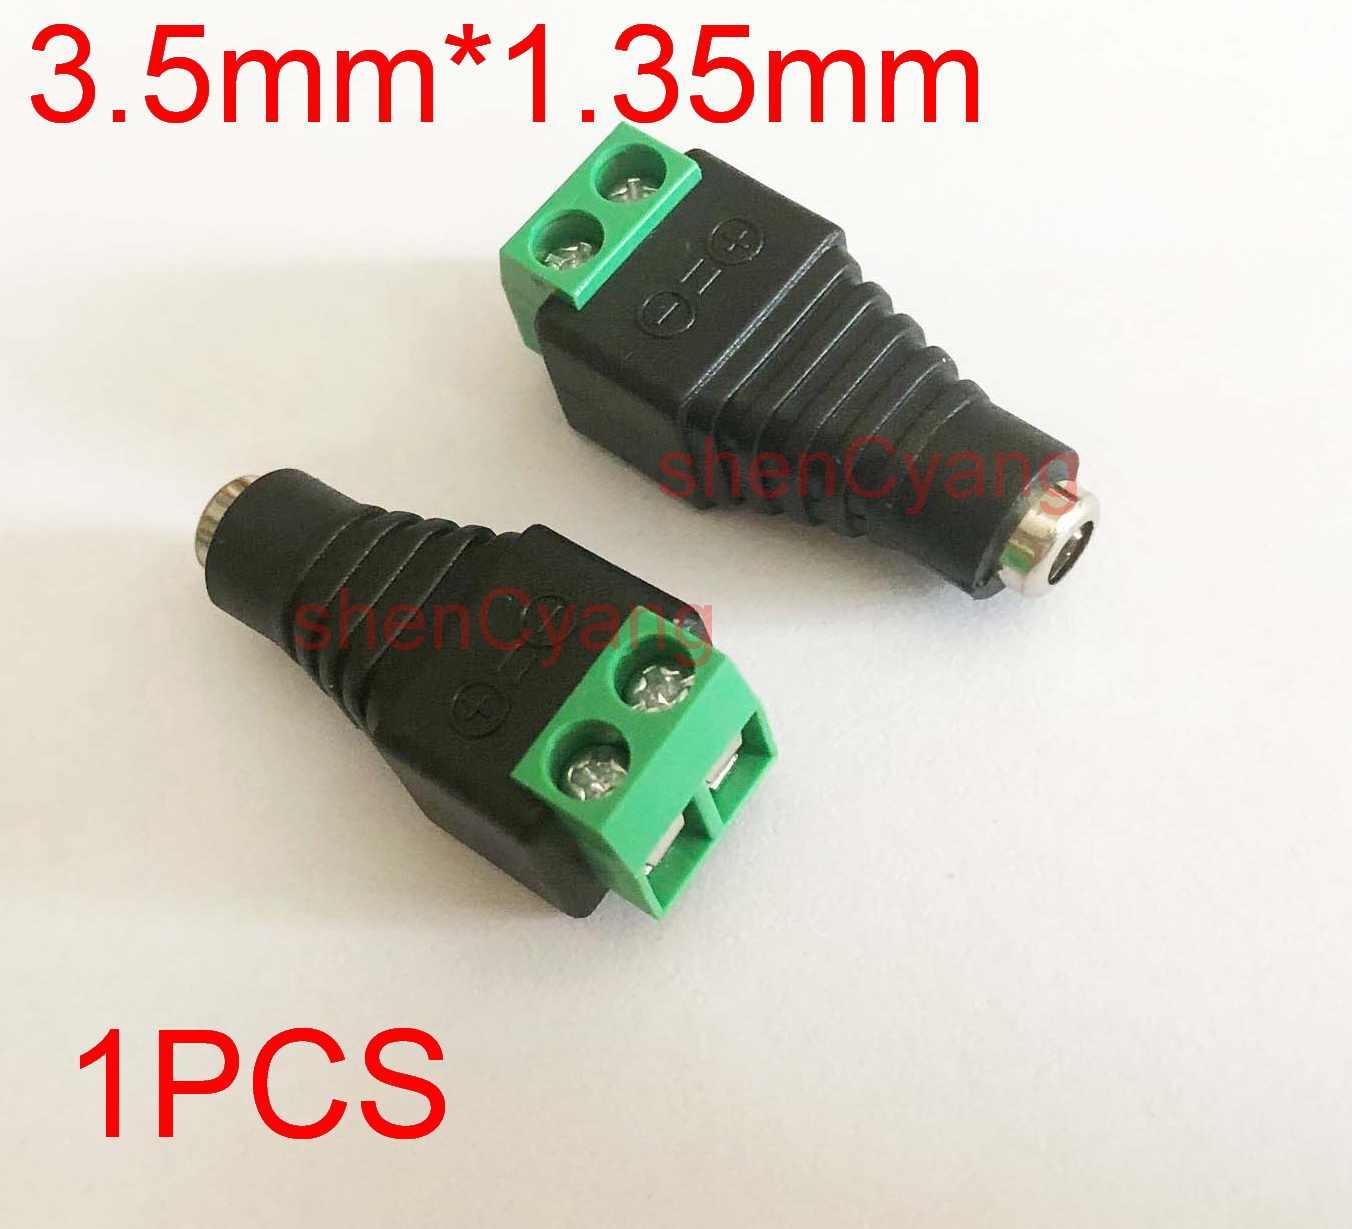 عالية الجودة AC/DC محول 5V 6V 9V 12V 13.5V 18V 19V 500mA 1A 1.5A 2A 2.5A تحويل التيار الكهربائي الاتحاد الأوروبي التوصيل DC 3.5 مللي متر x 1.35 مللي متر